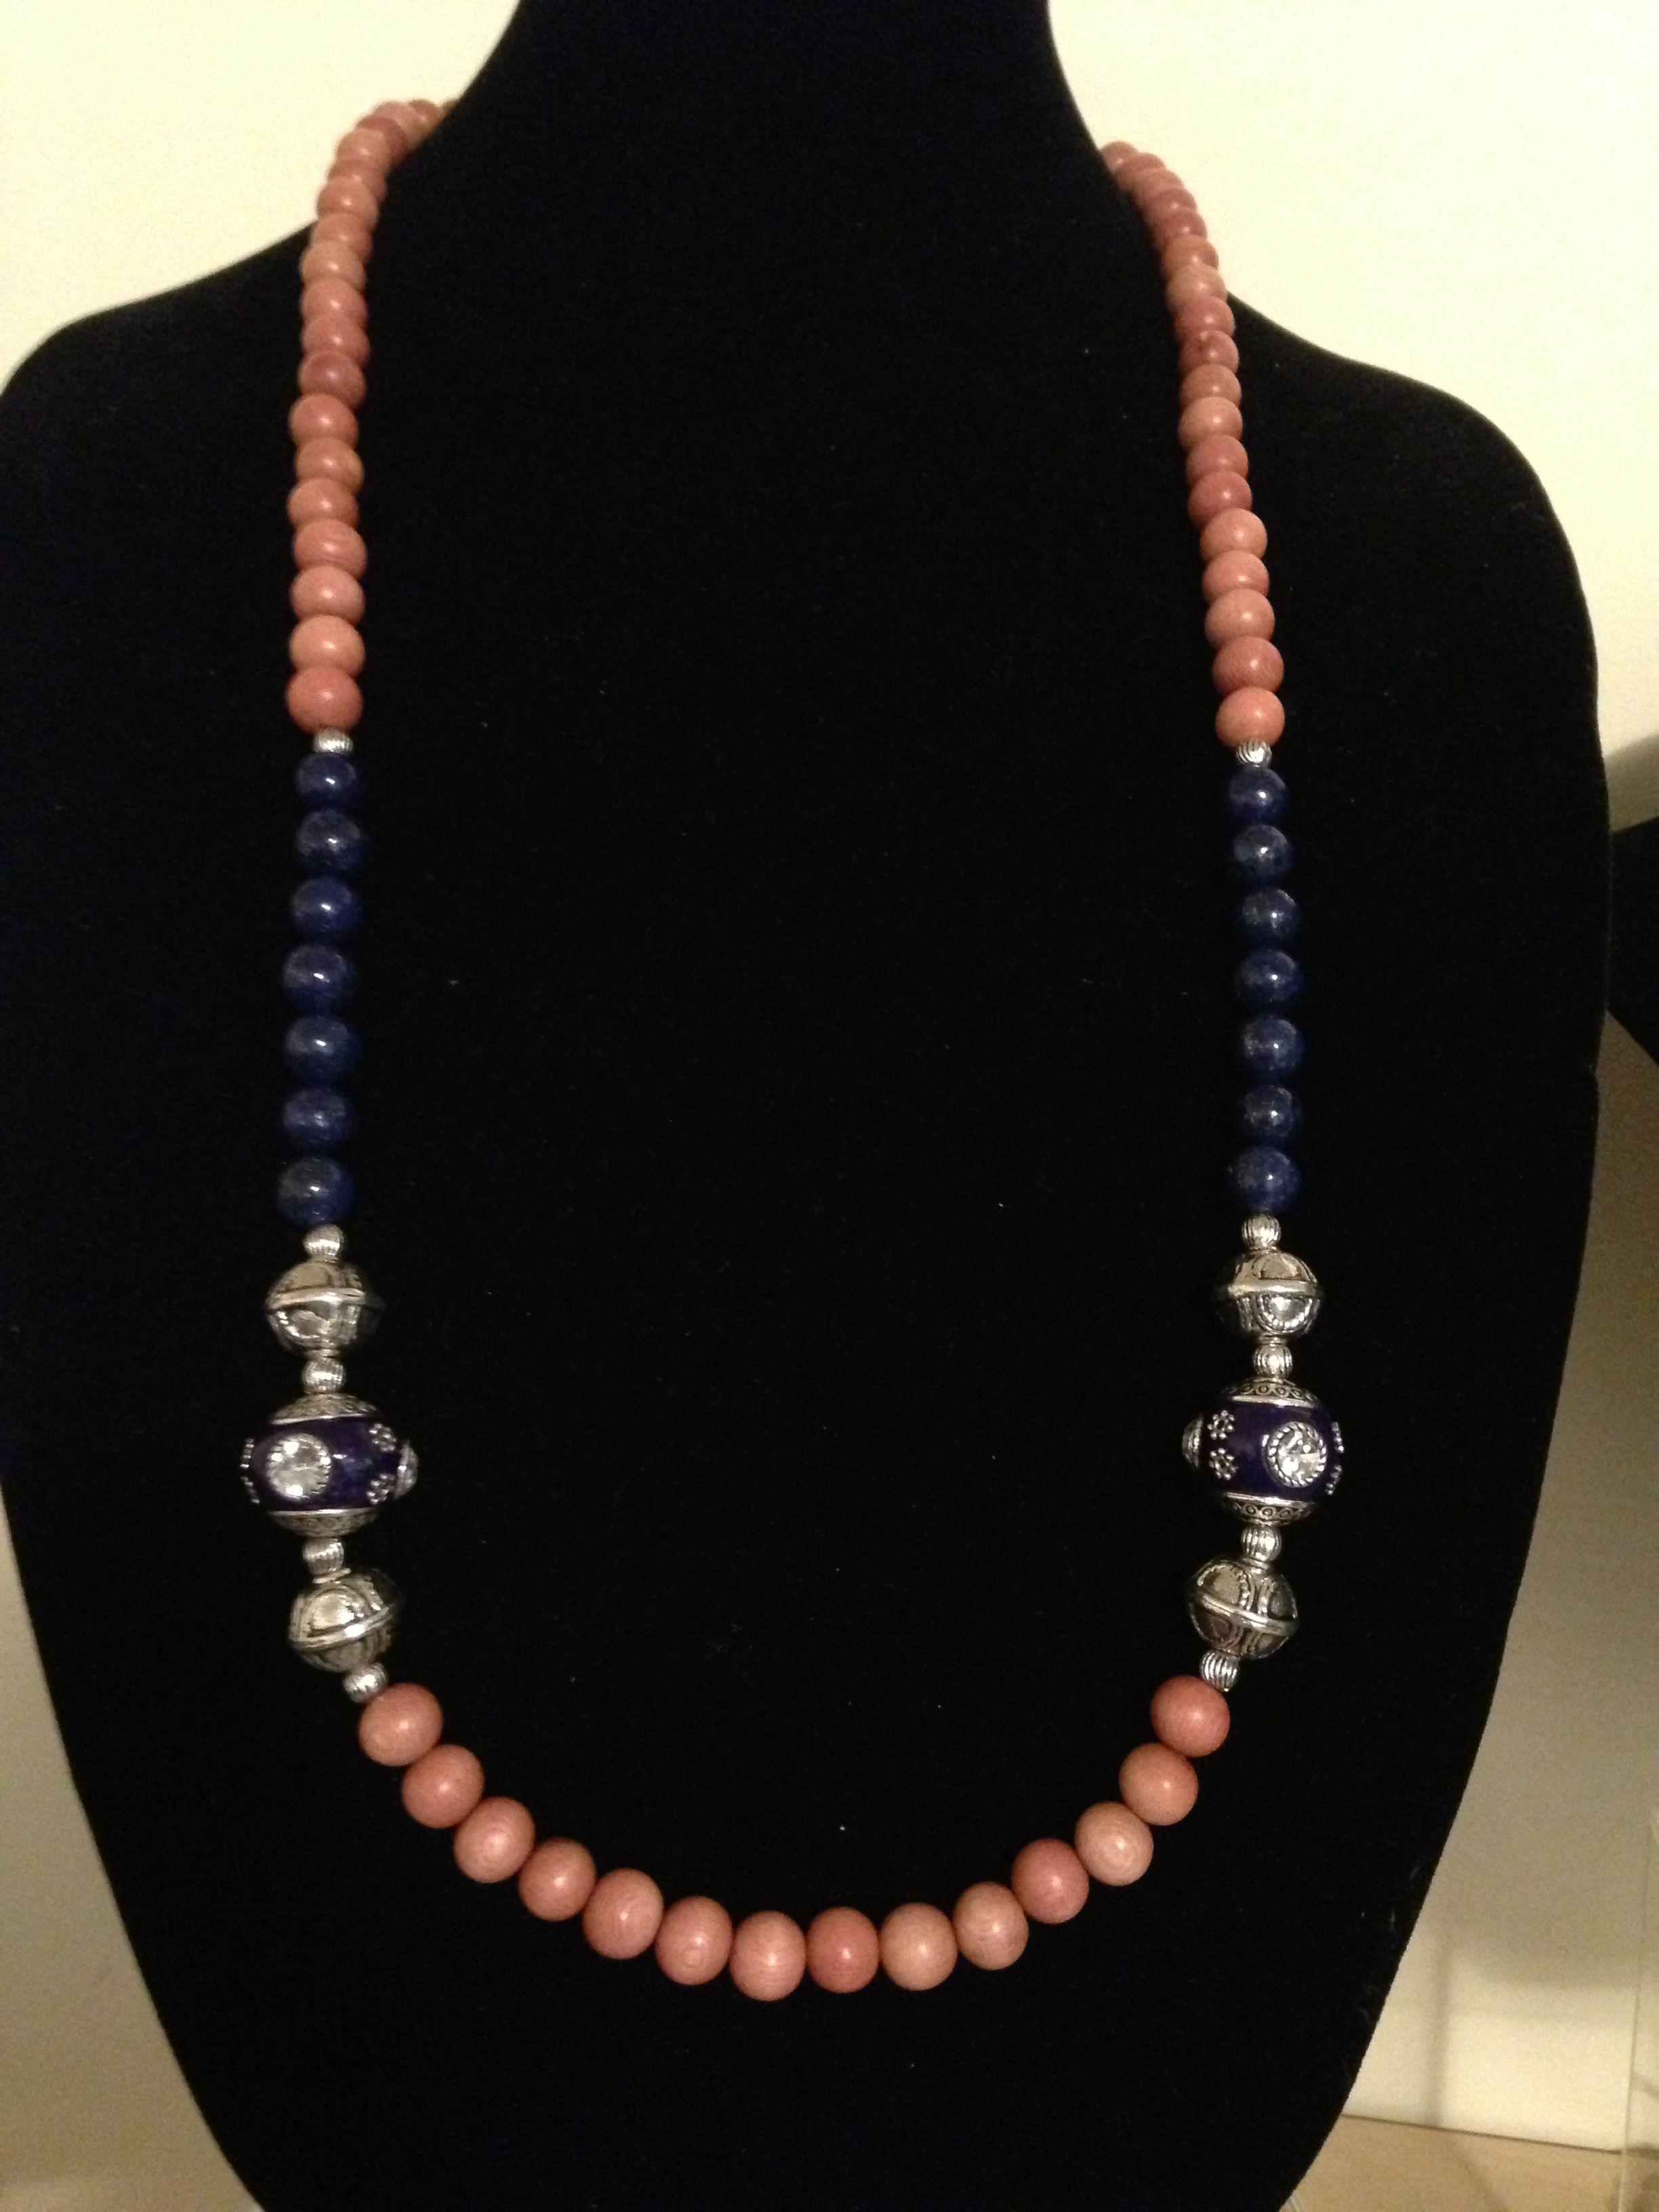 Rosewood, lapis lazuli, Tibetan beads...$165.